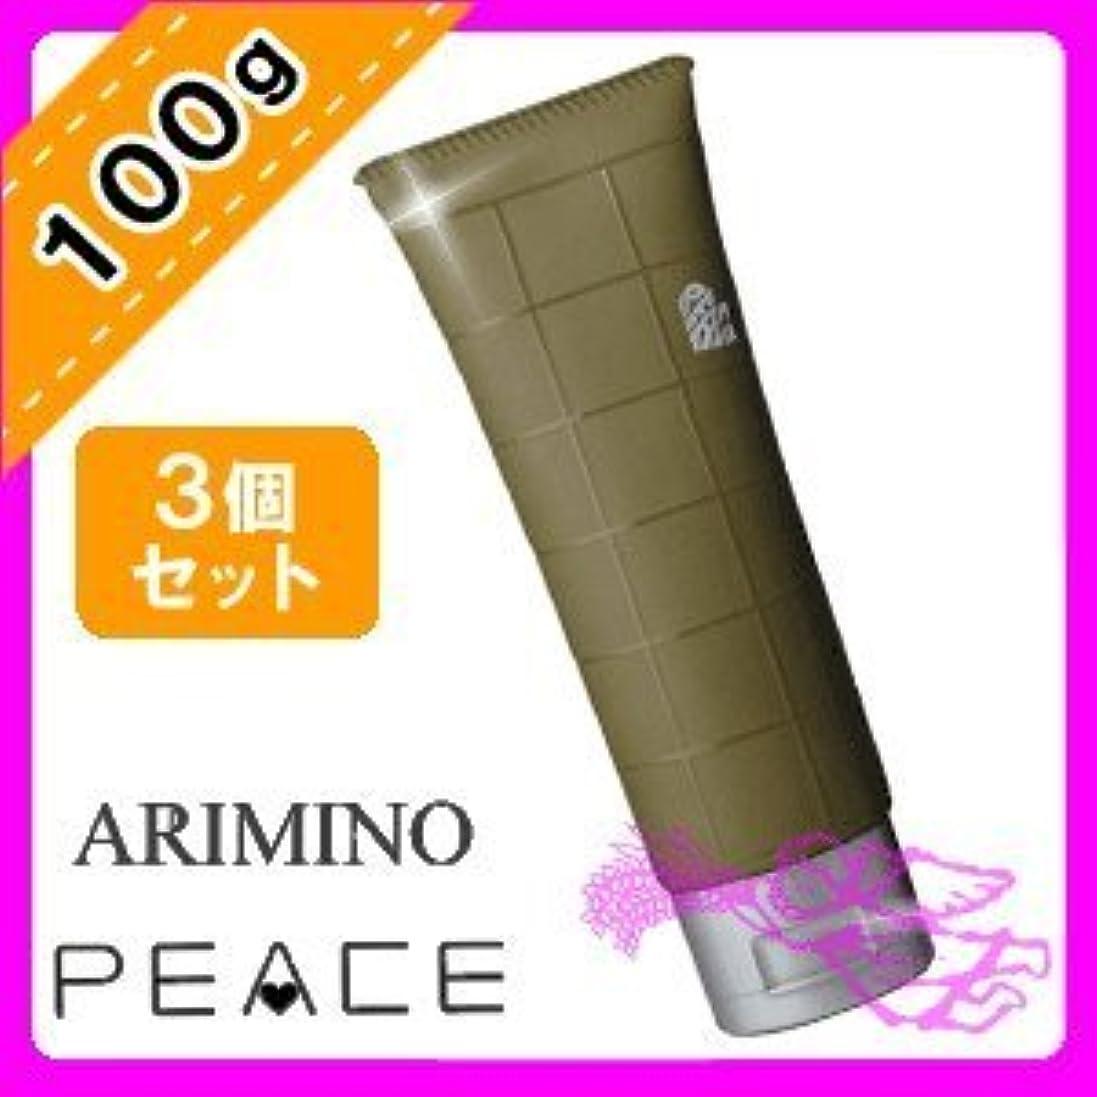 シーボード考案する例示するアリミノ ピース ウェットオイル ワックス 100g ×3個セット arimino PEACE